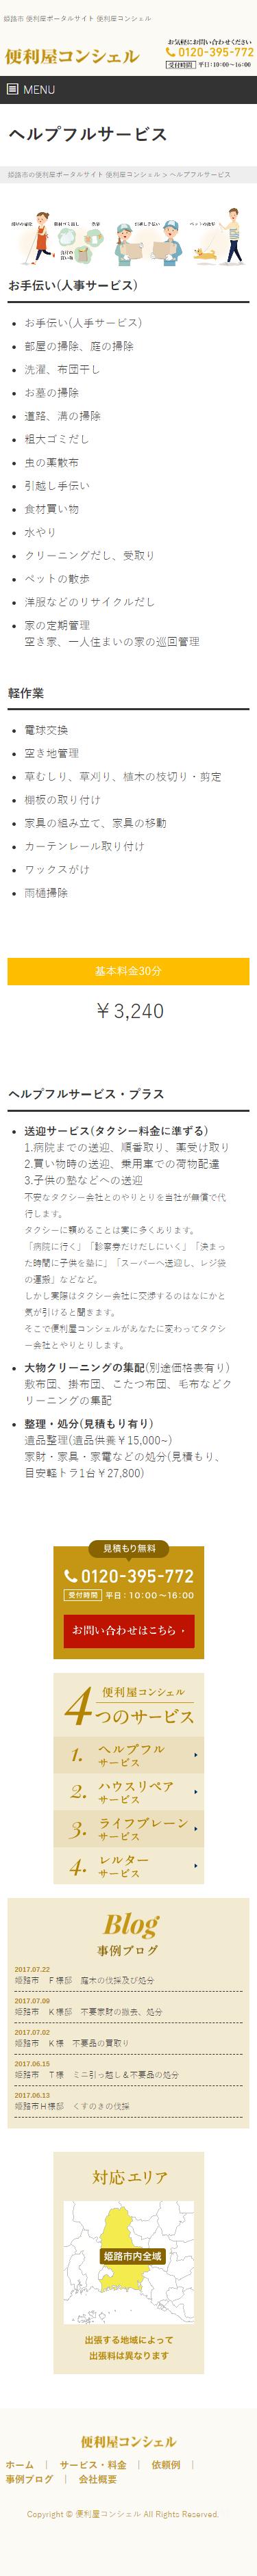 便利屋コンシェル様 ホームページ制作4